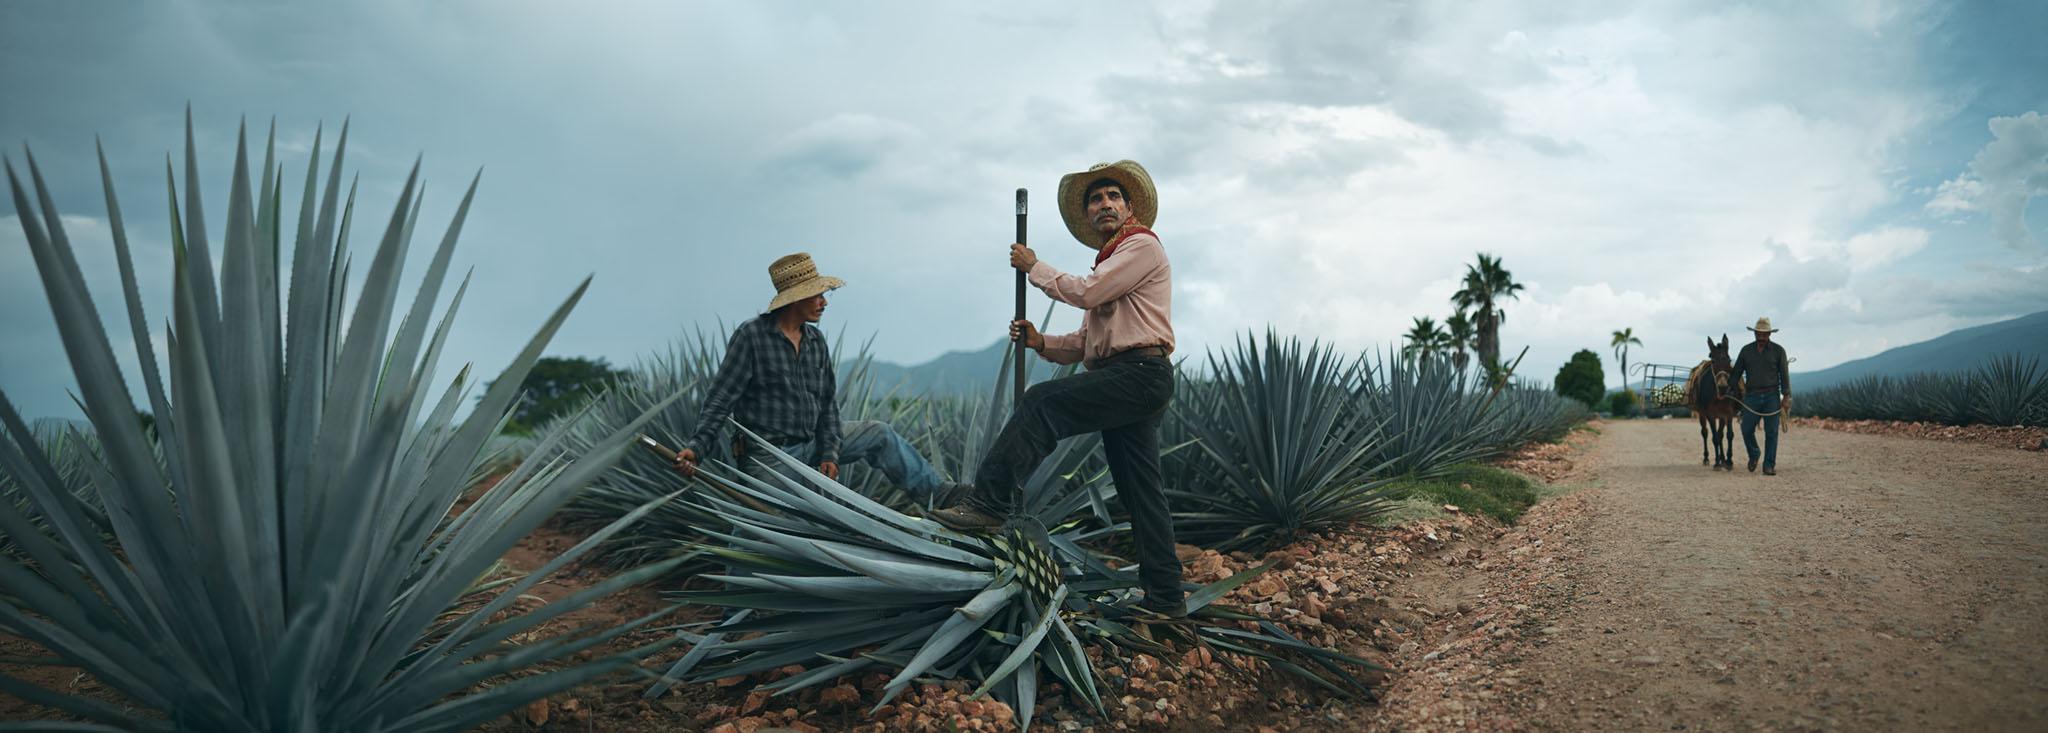 철없고 돈없던 시절 클럽에서 들이키던 샷이 데킬라에 대한 기억의 전부라면, 멕시코 데킬라 마을로의 여행은 당신을 깜짝 놀라게 할 것이다